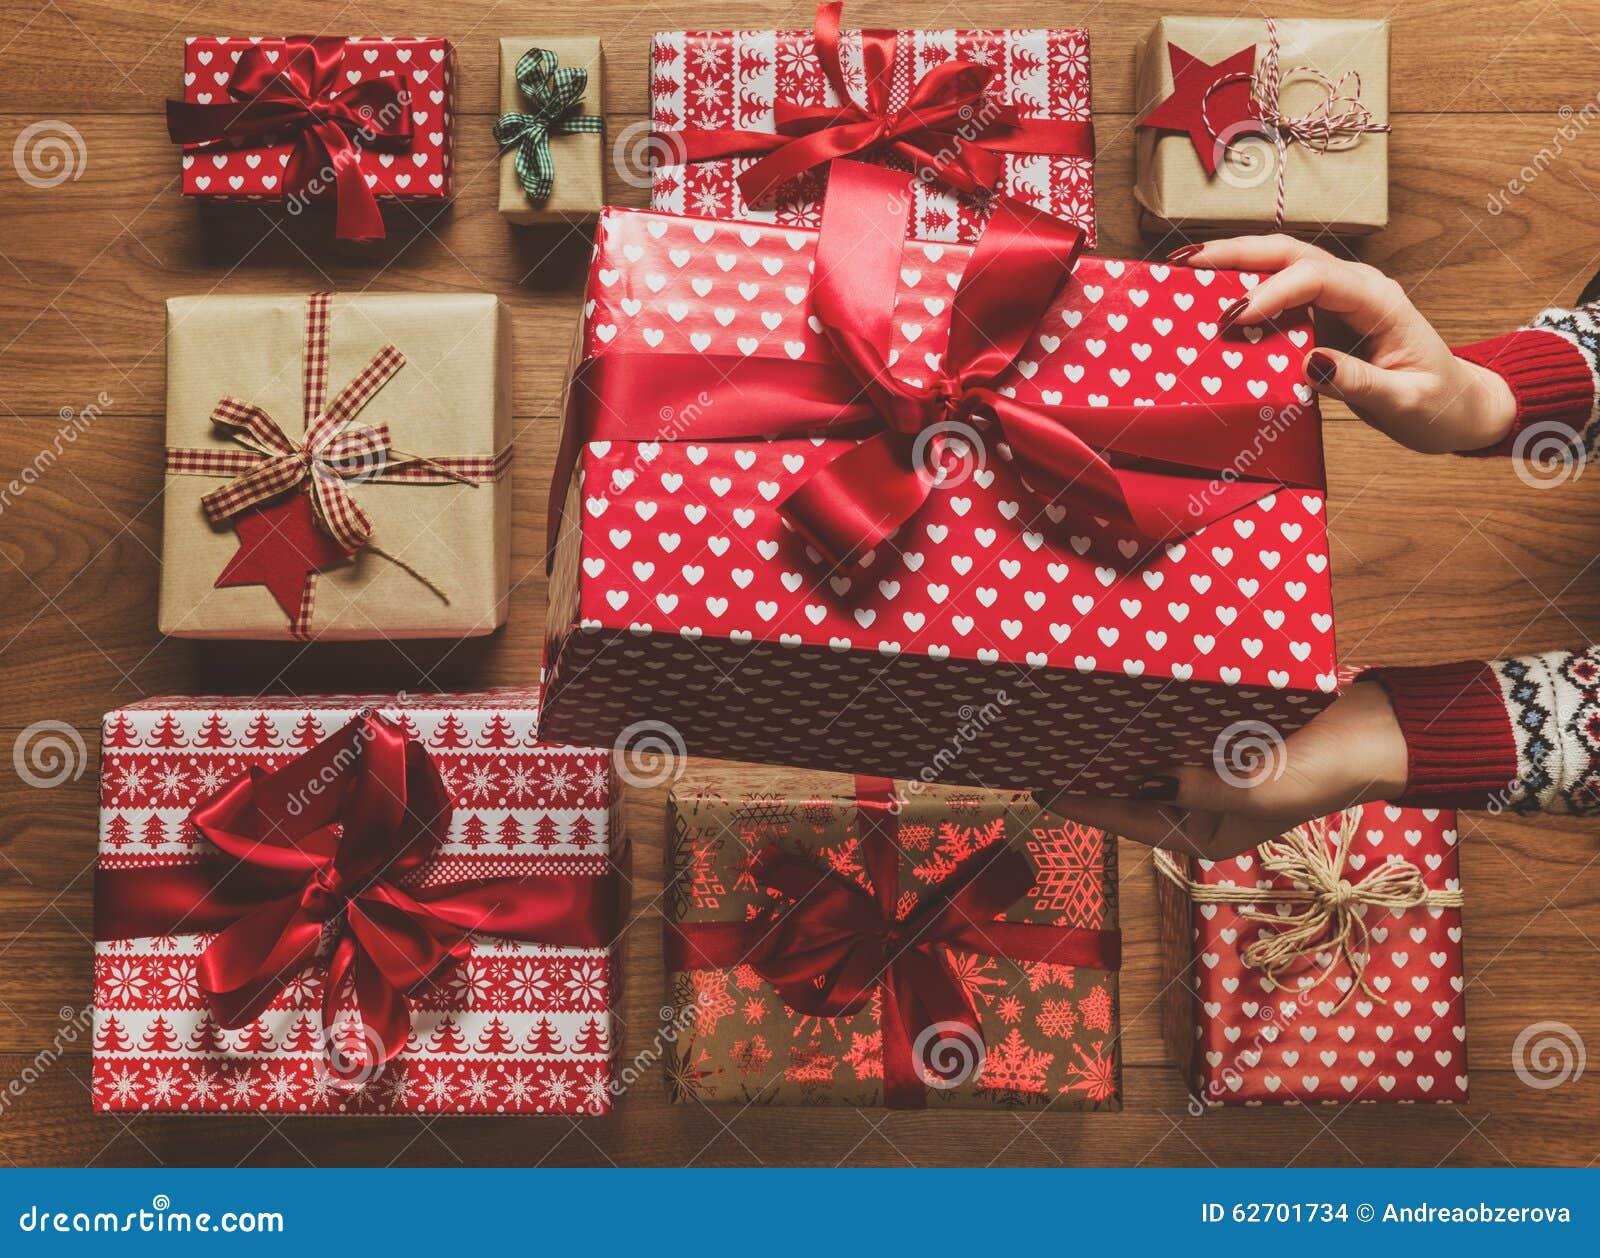 Γυναίκα που οργανώνει τα υπέροχα τυλιγμένα εκλεκτής ποιότητας χριστουγεννιάτικα δώρα, εικόνα με την ελαφριά ομίχλη, άποψη άνωθεν